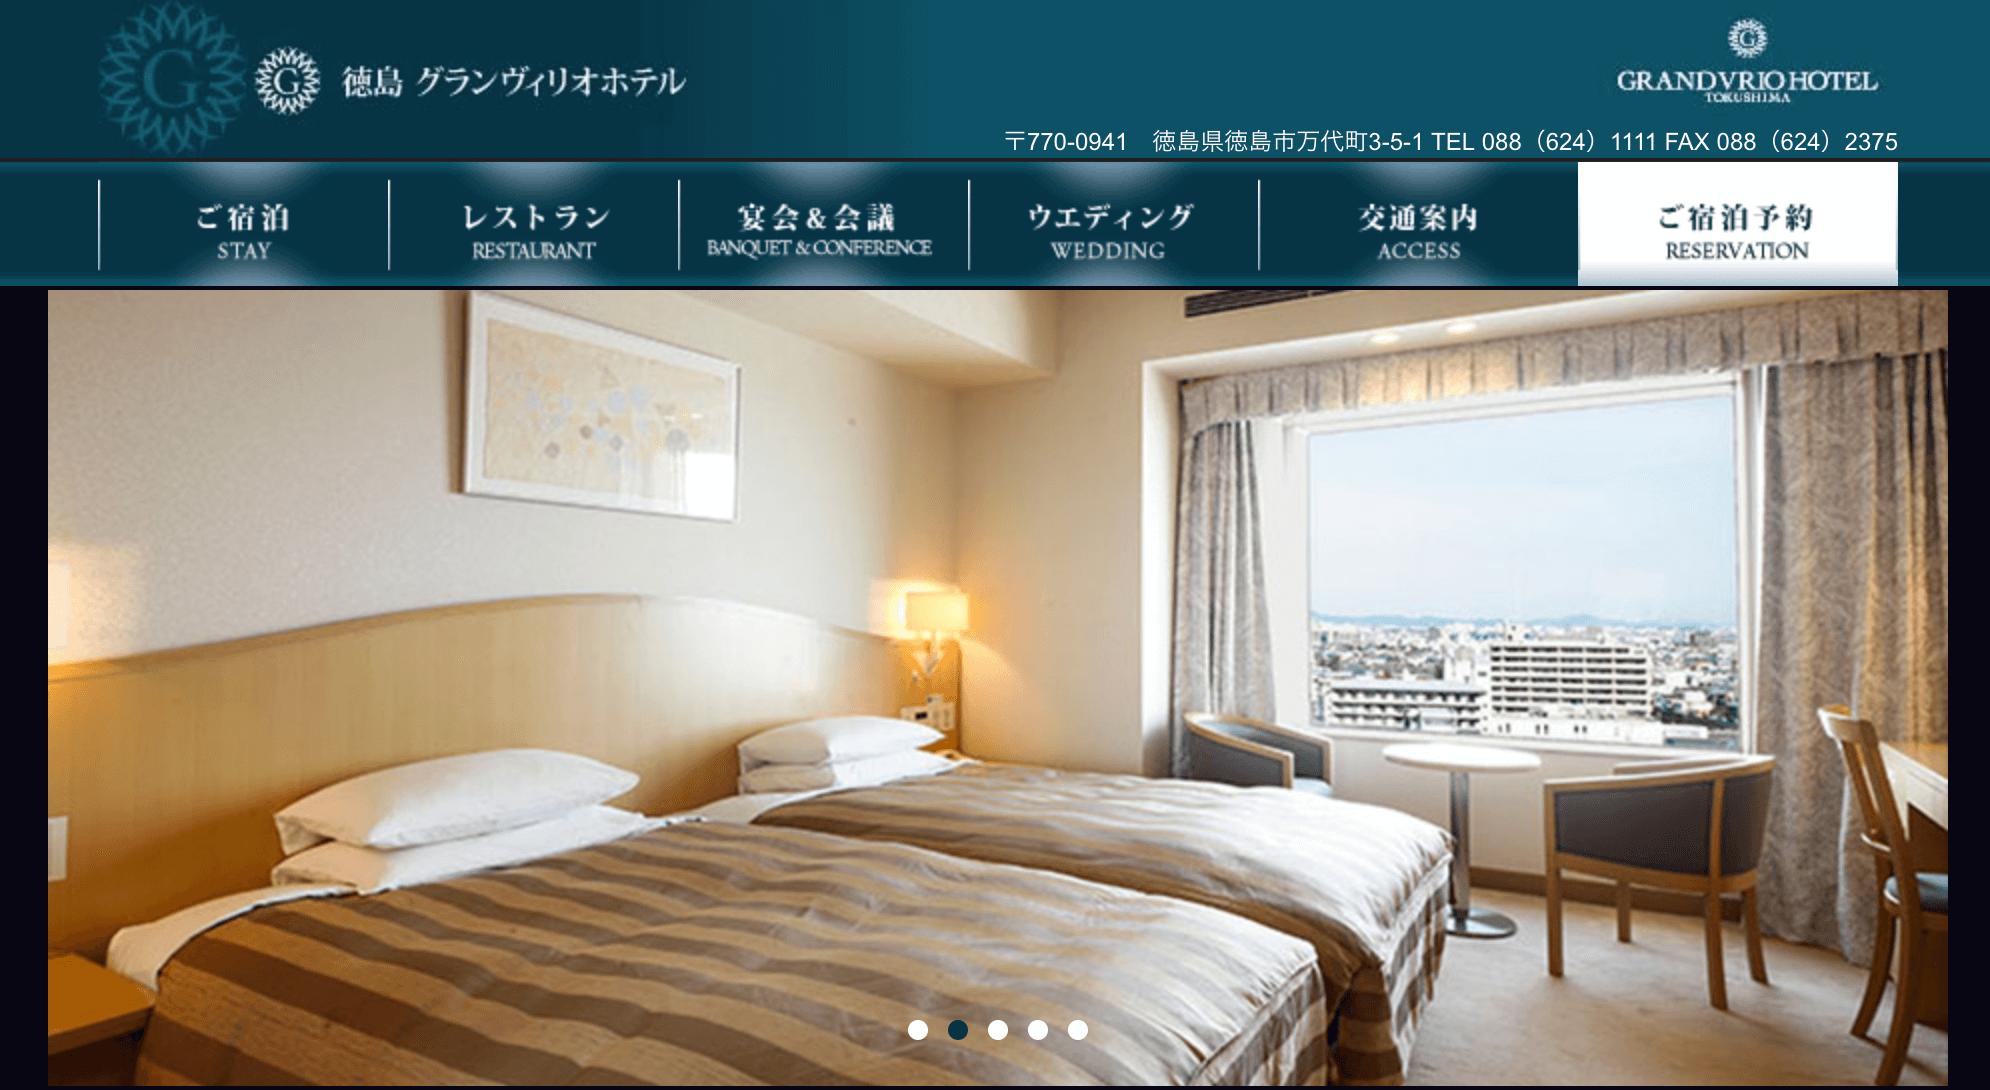 徳島でパパ活におすすめなホテル「徳島グランヴィリオホテル」